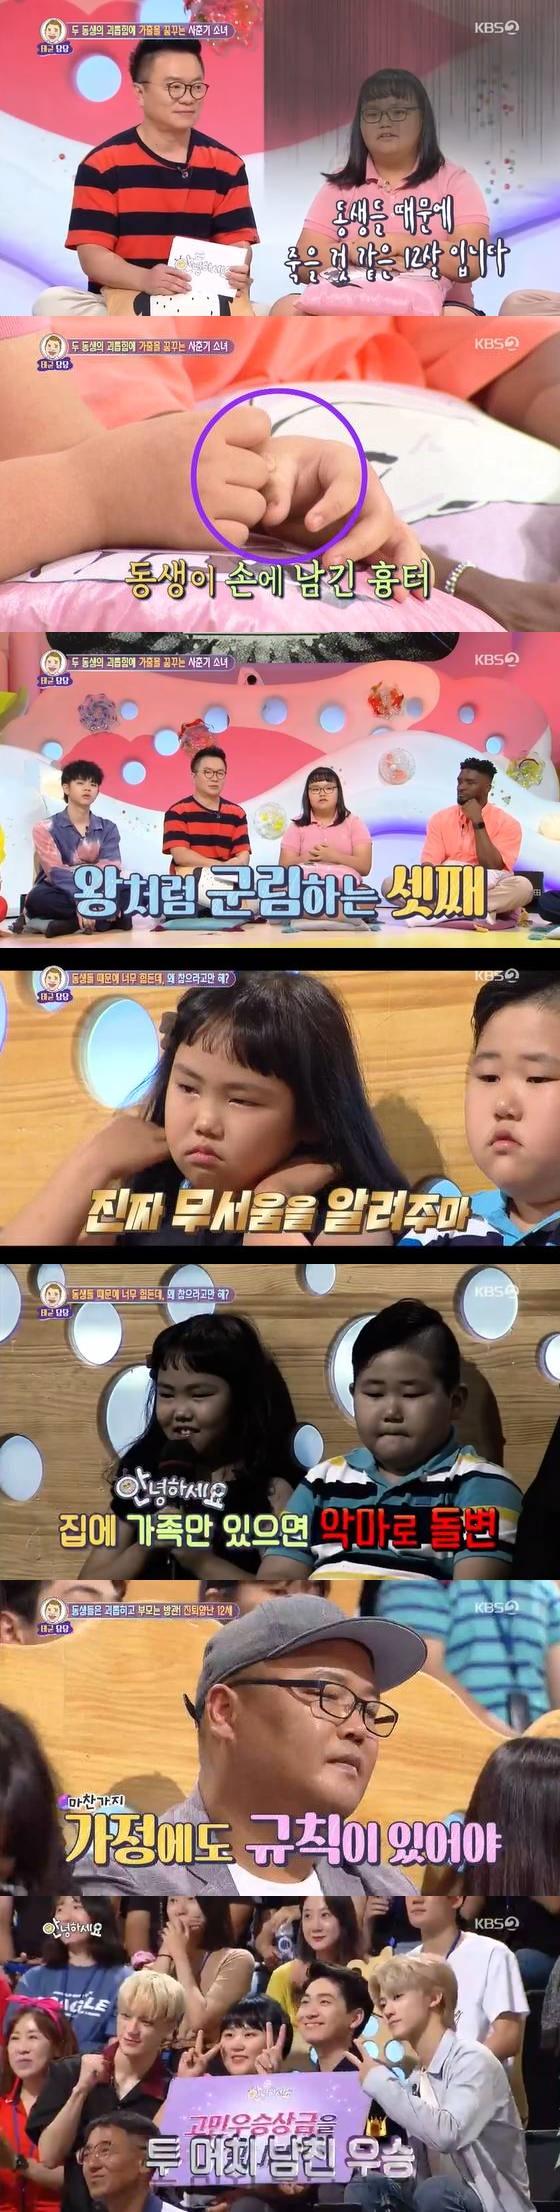 /사진=KBS 2TV 예능프로그램 '대국민 토크쇼 안녕하세요' 방송 캡쳐